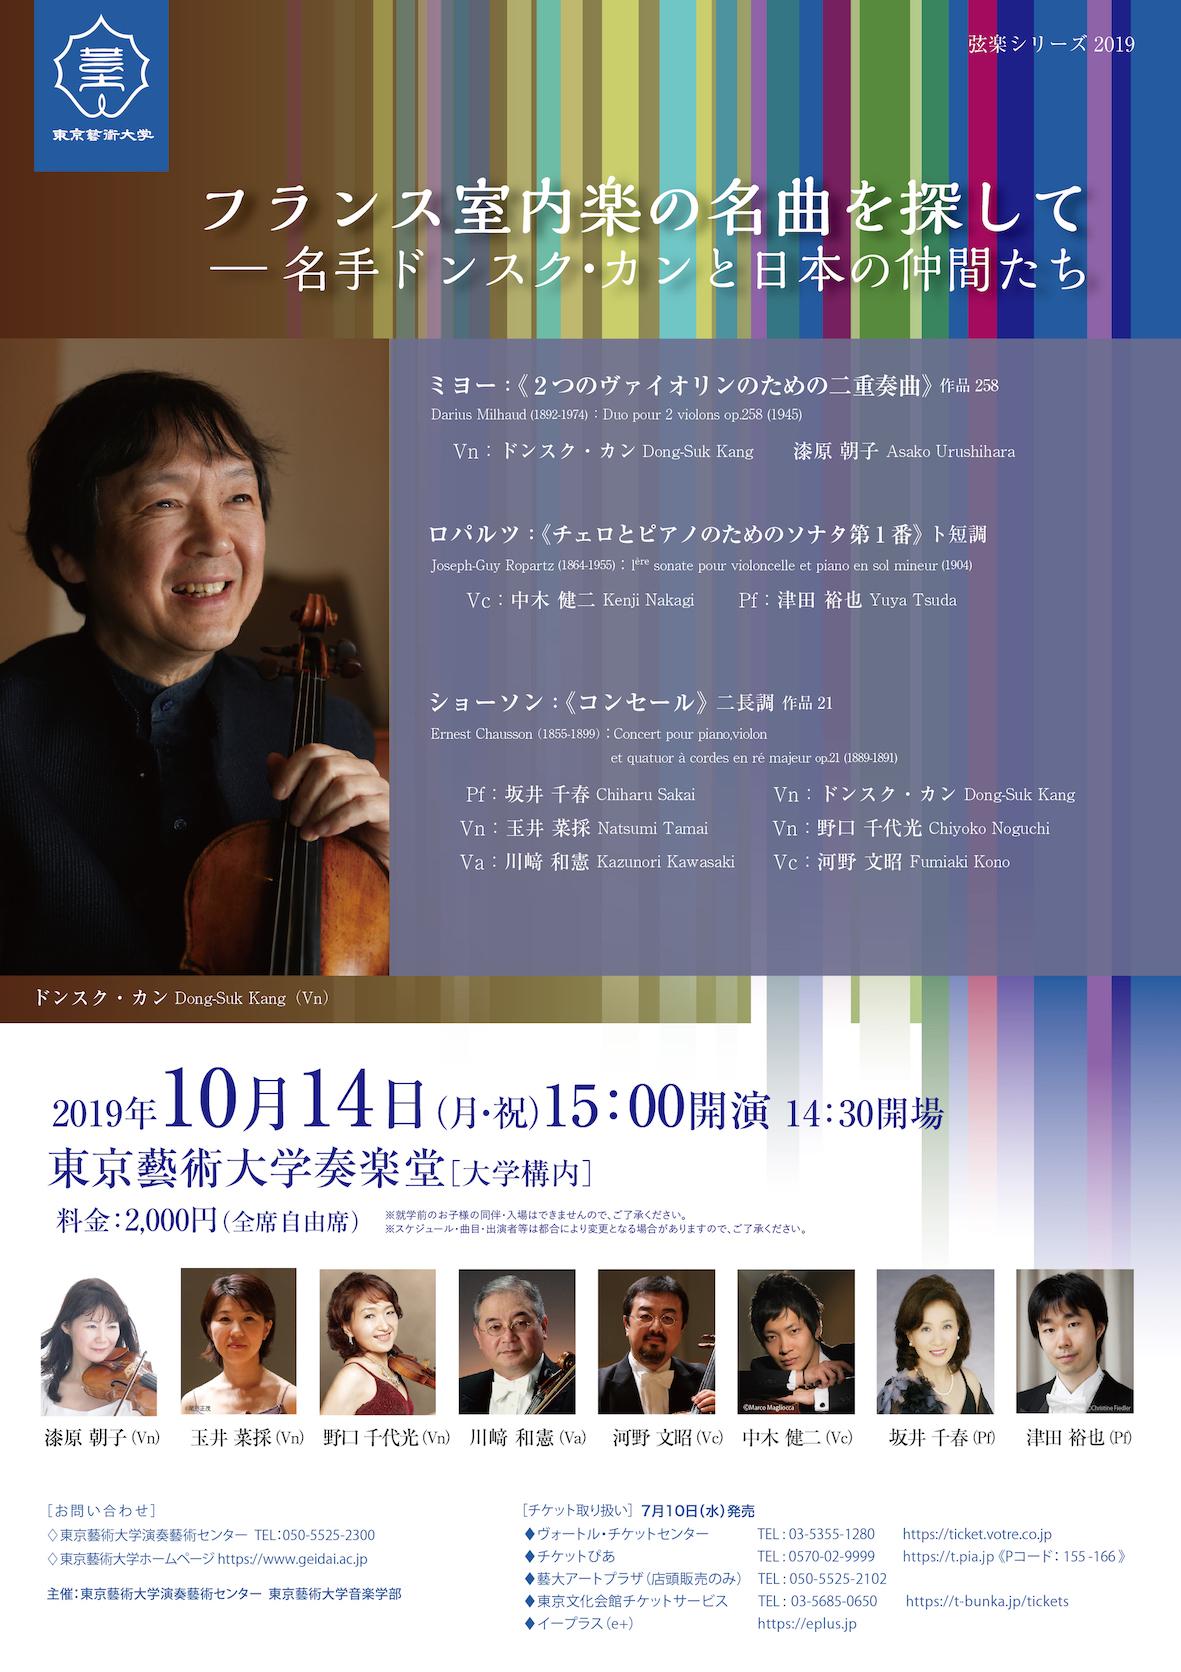 弦楽シリーズ2019 フランス室内楽の名曲を探して―名手ドンスク・カンと日本の仲間たち